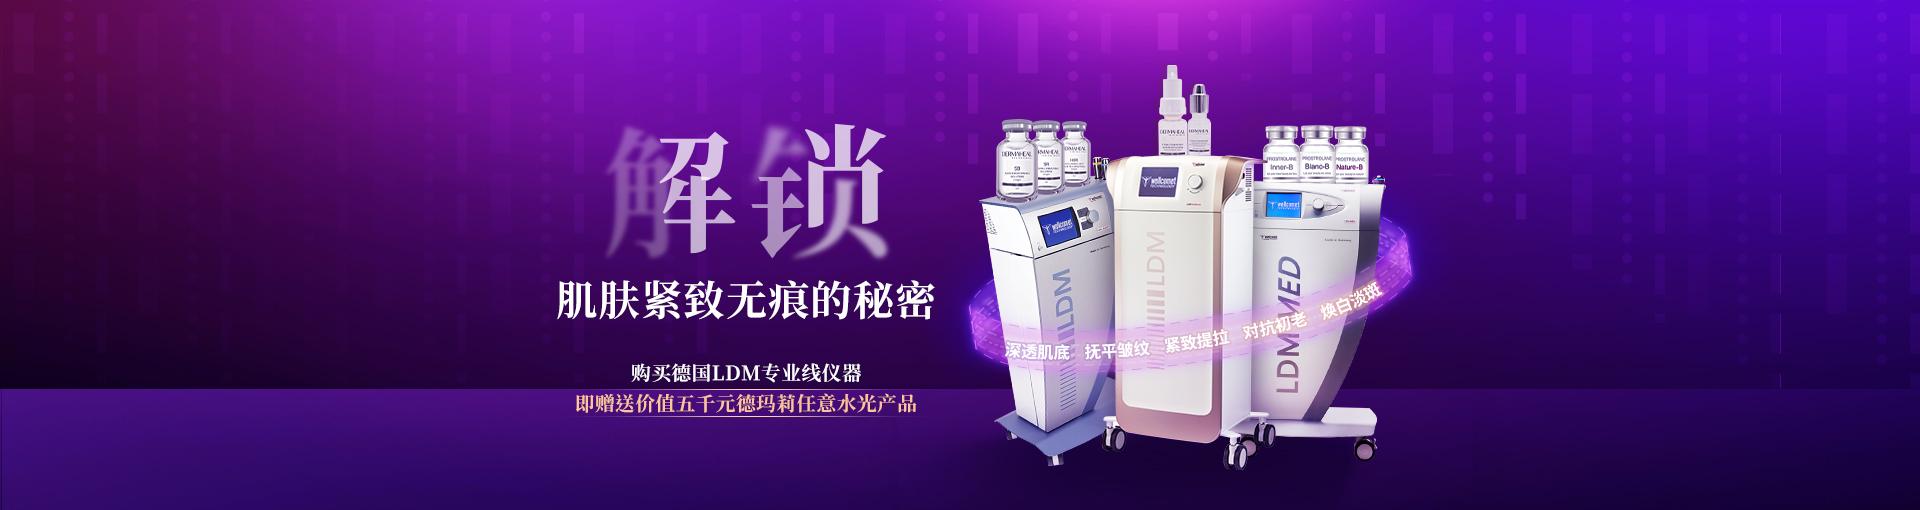 采美优惠:德国LDM水滴提升管理&德玛莉水光产品给你意想不到的惊喜!!!